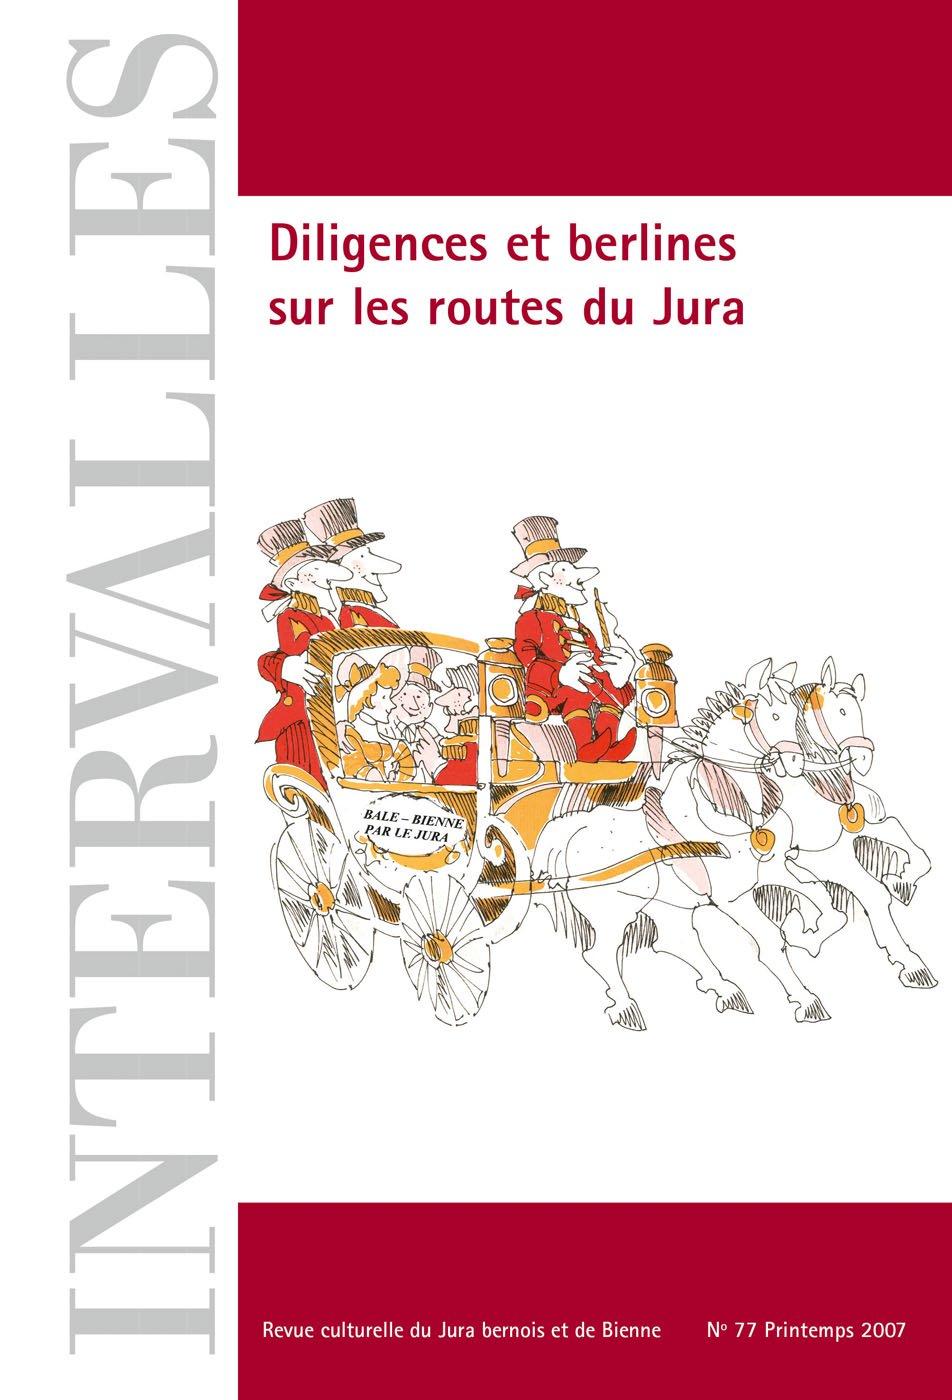 No 77 – Diligences et berlines sur les routes du Jura